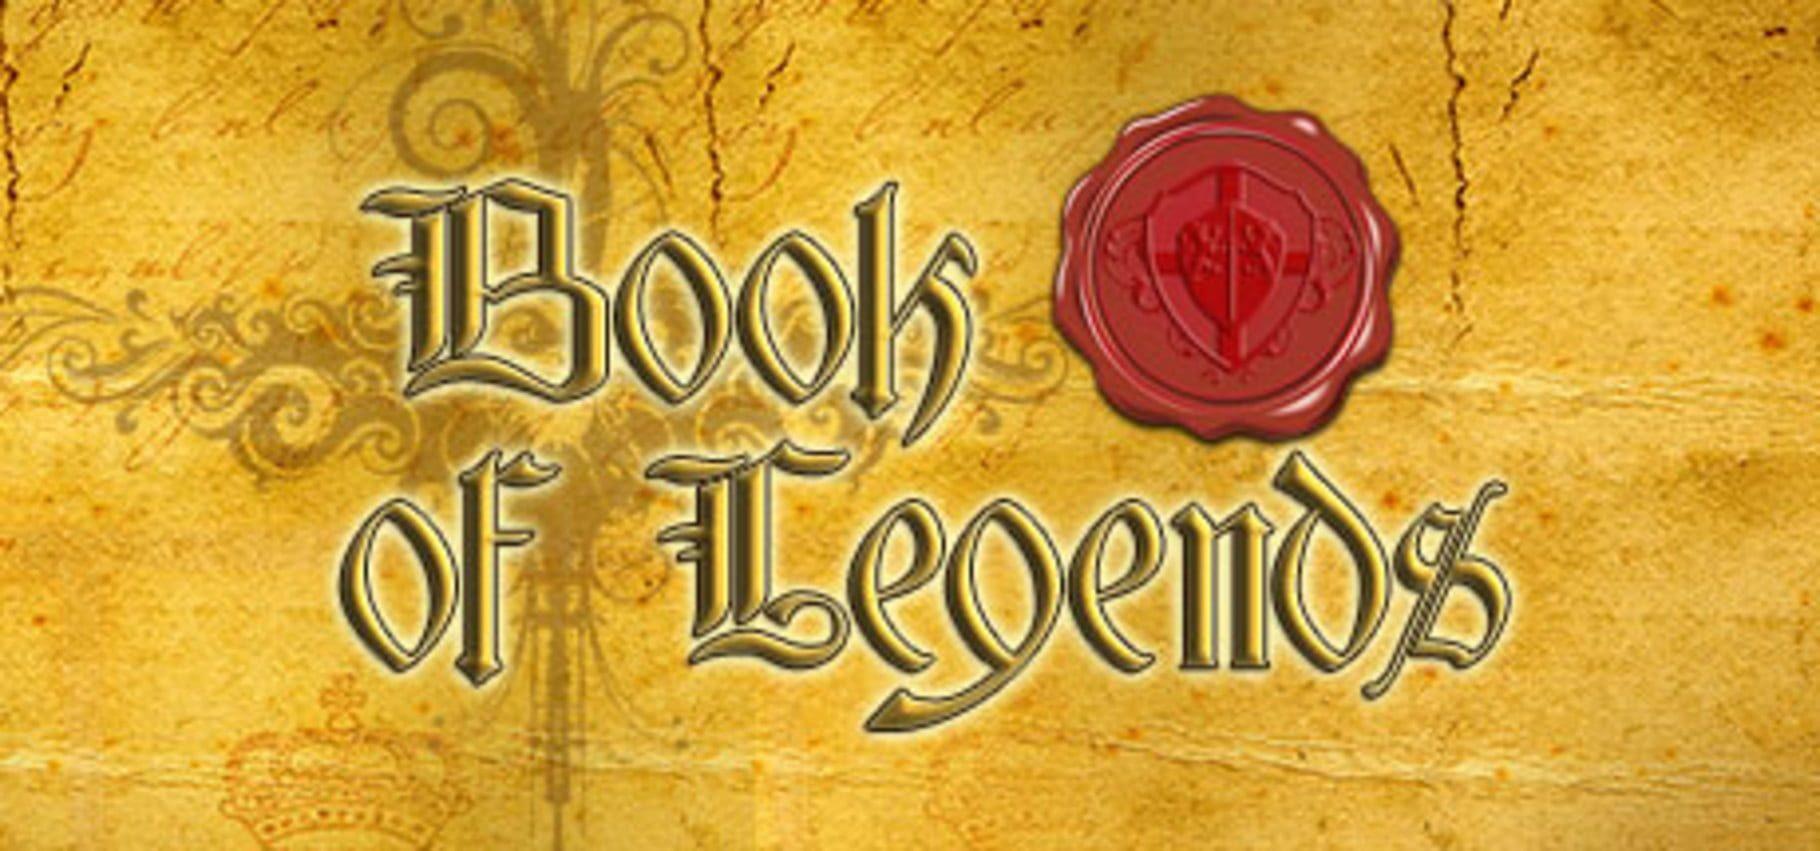 buy Book of Legends cd key for all platform